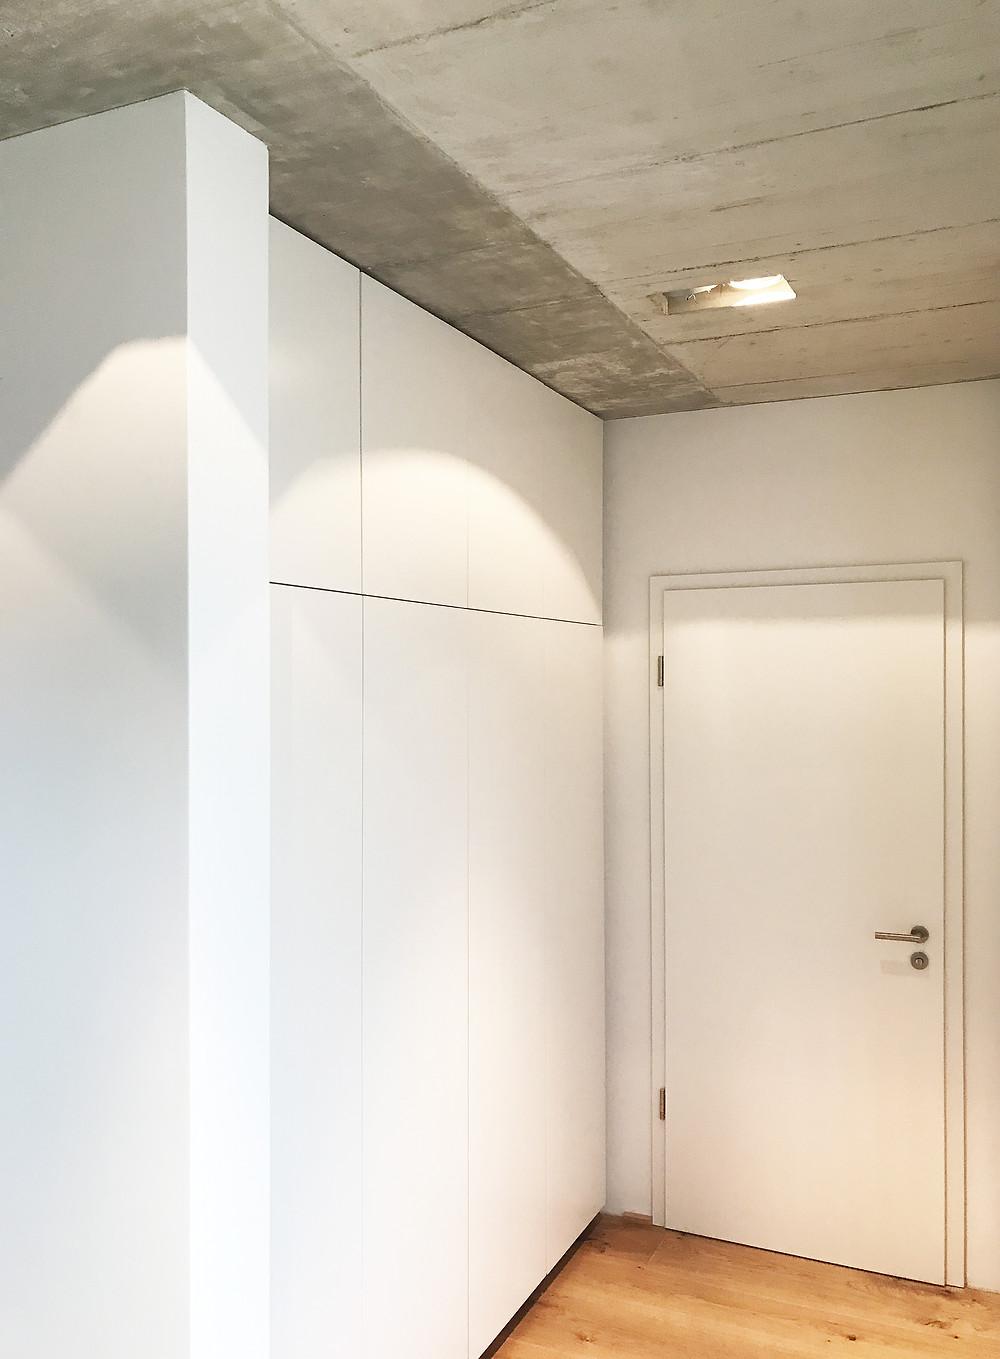 Wohnhaus in Herdecke - Diele EG - kirschnick architektur BDA